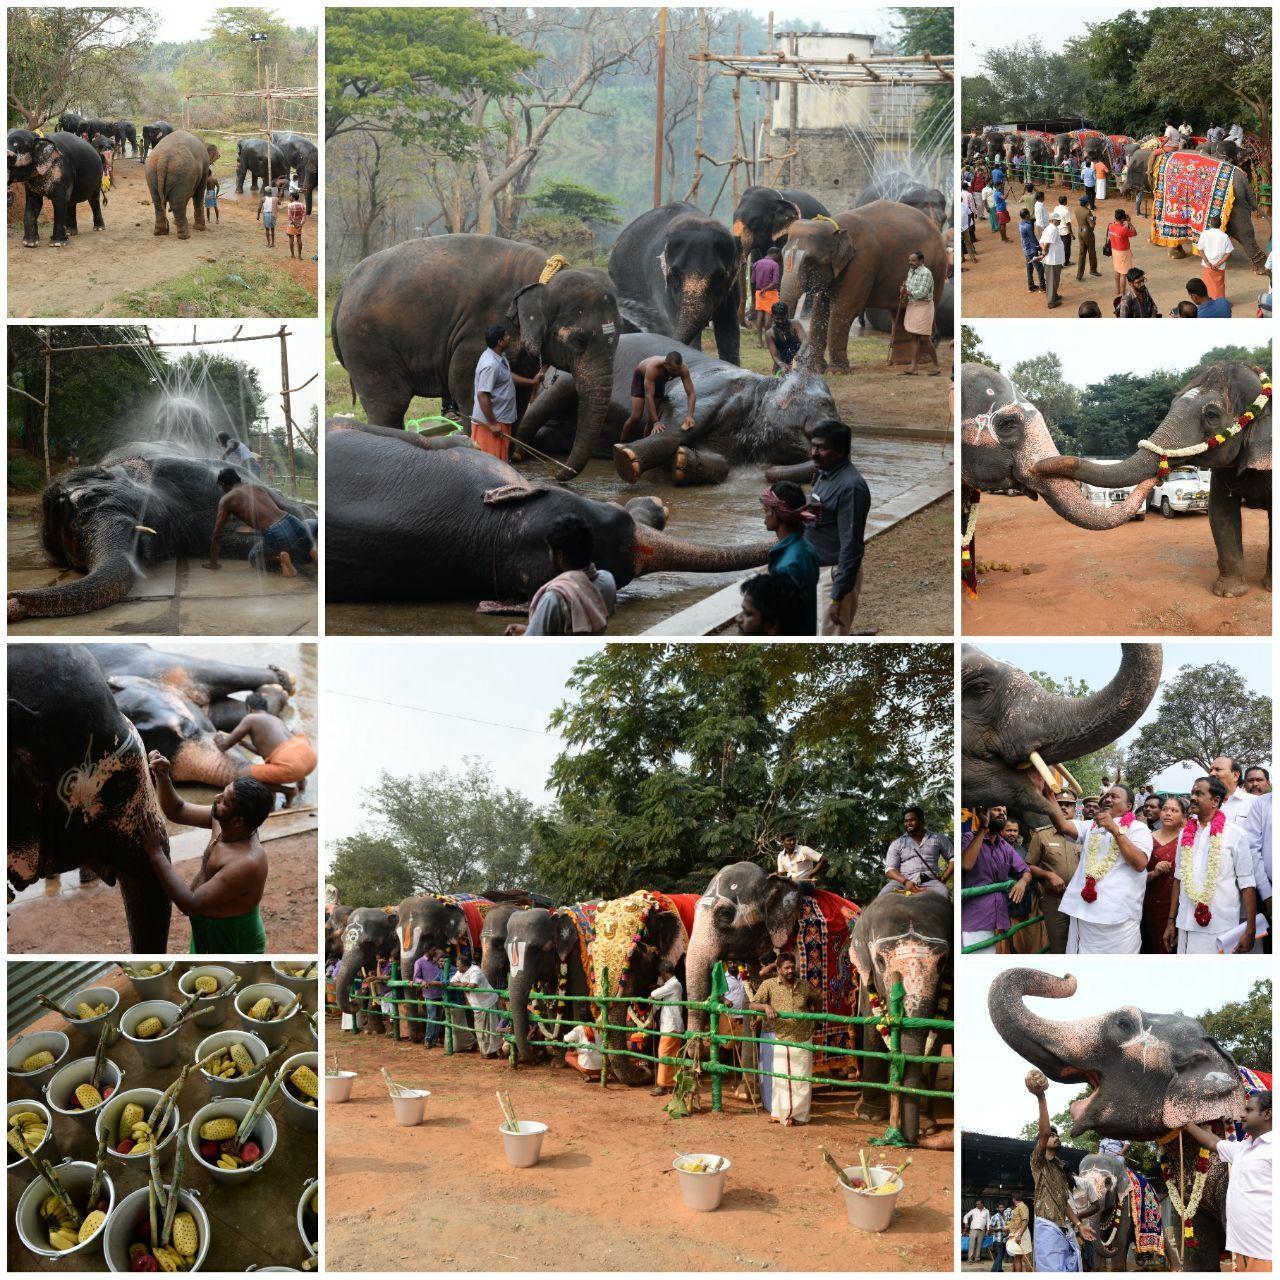 யானைகள் நல வாழ்வு முகாம் 2018